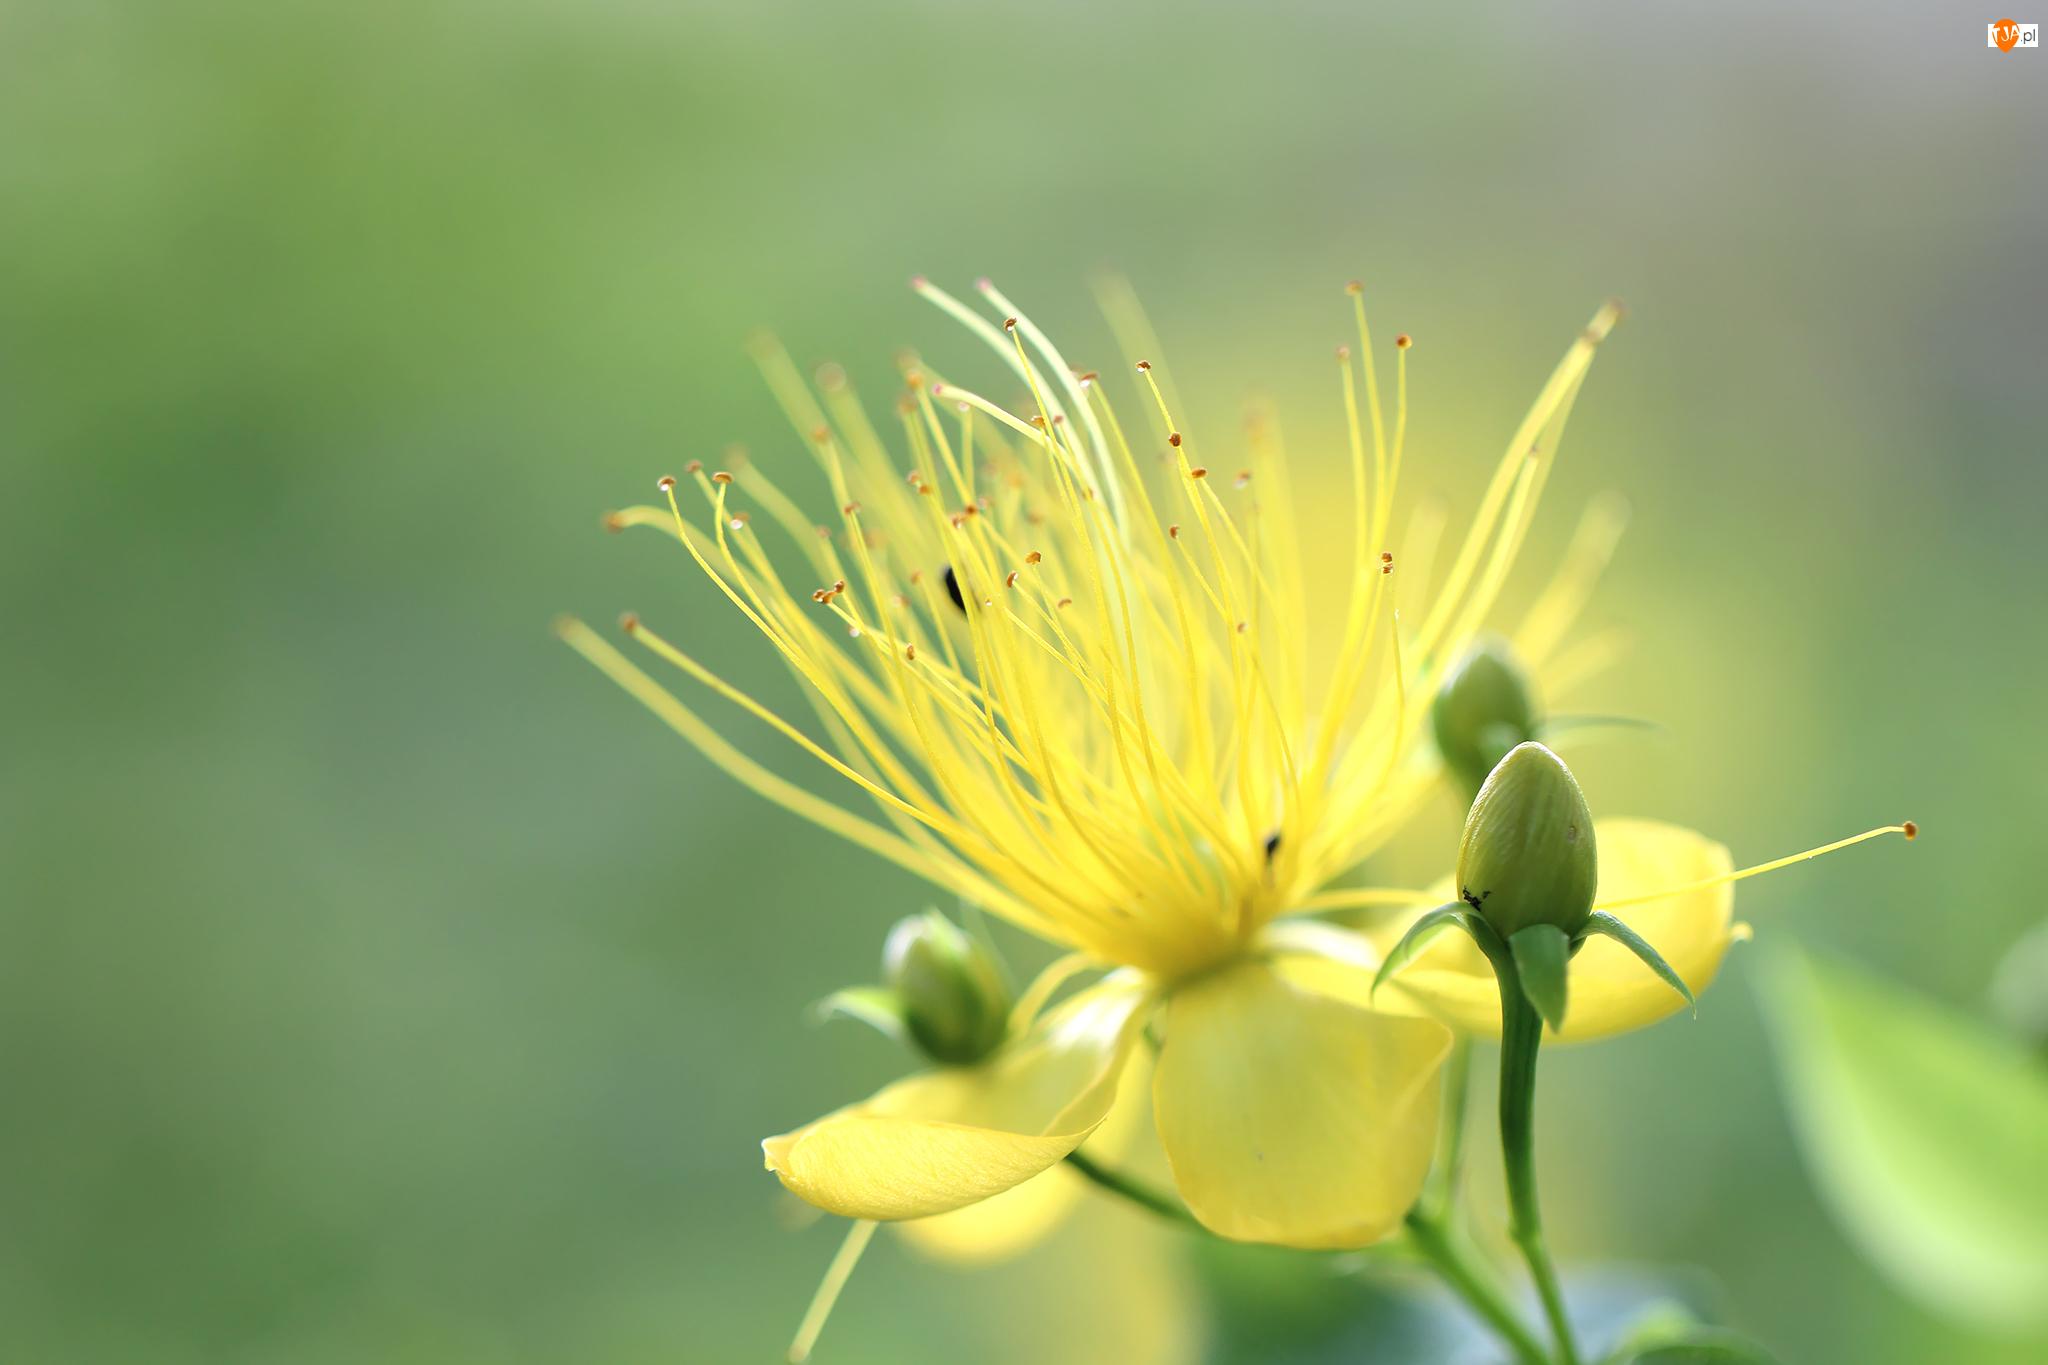 Pręciki, Dziurawiec, Kwiat, Żółty, Pąk